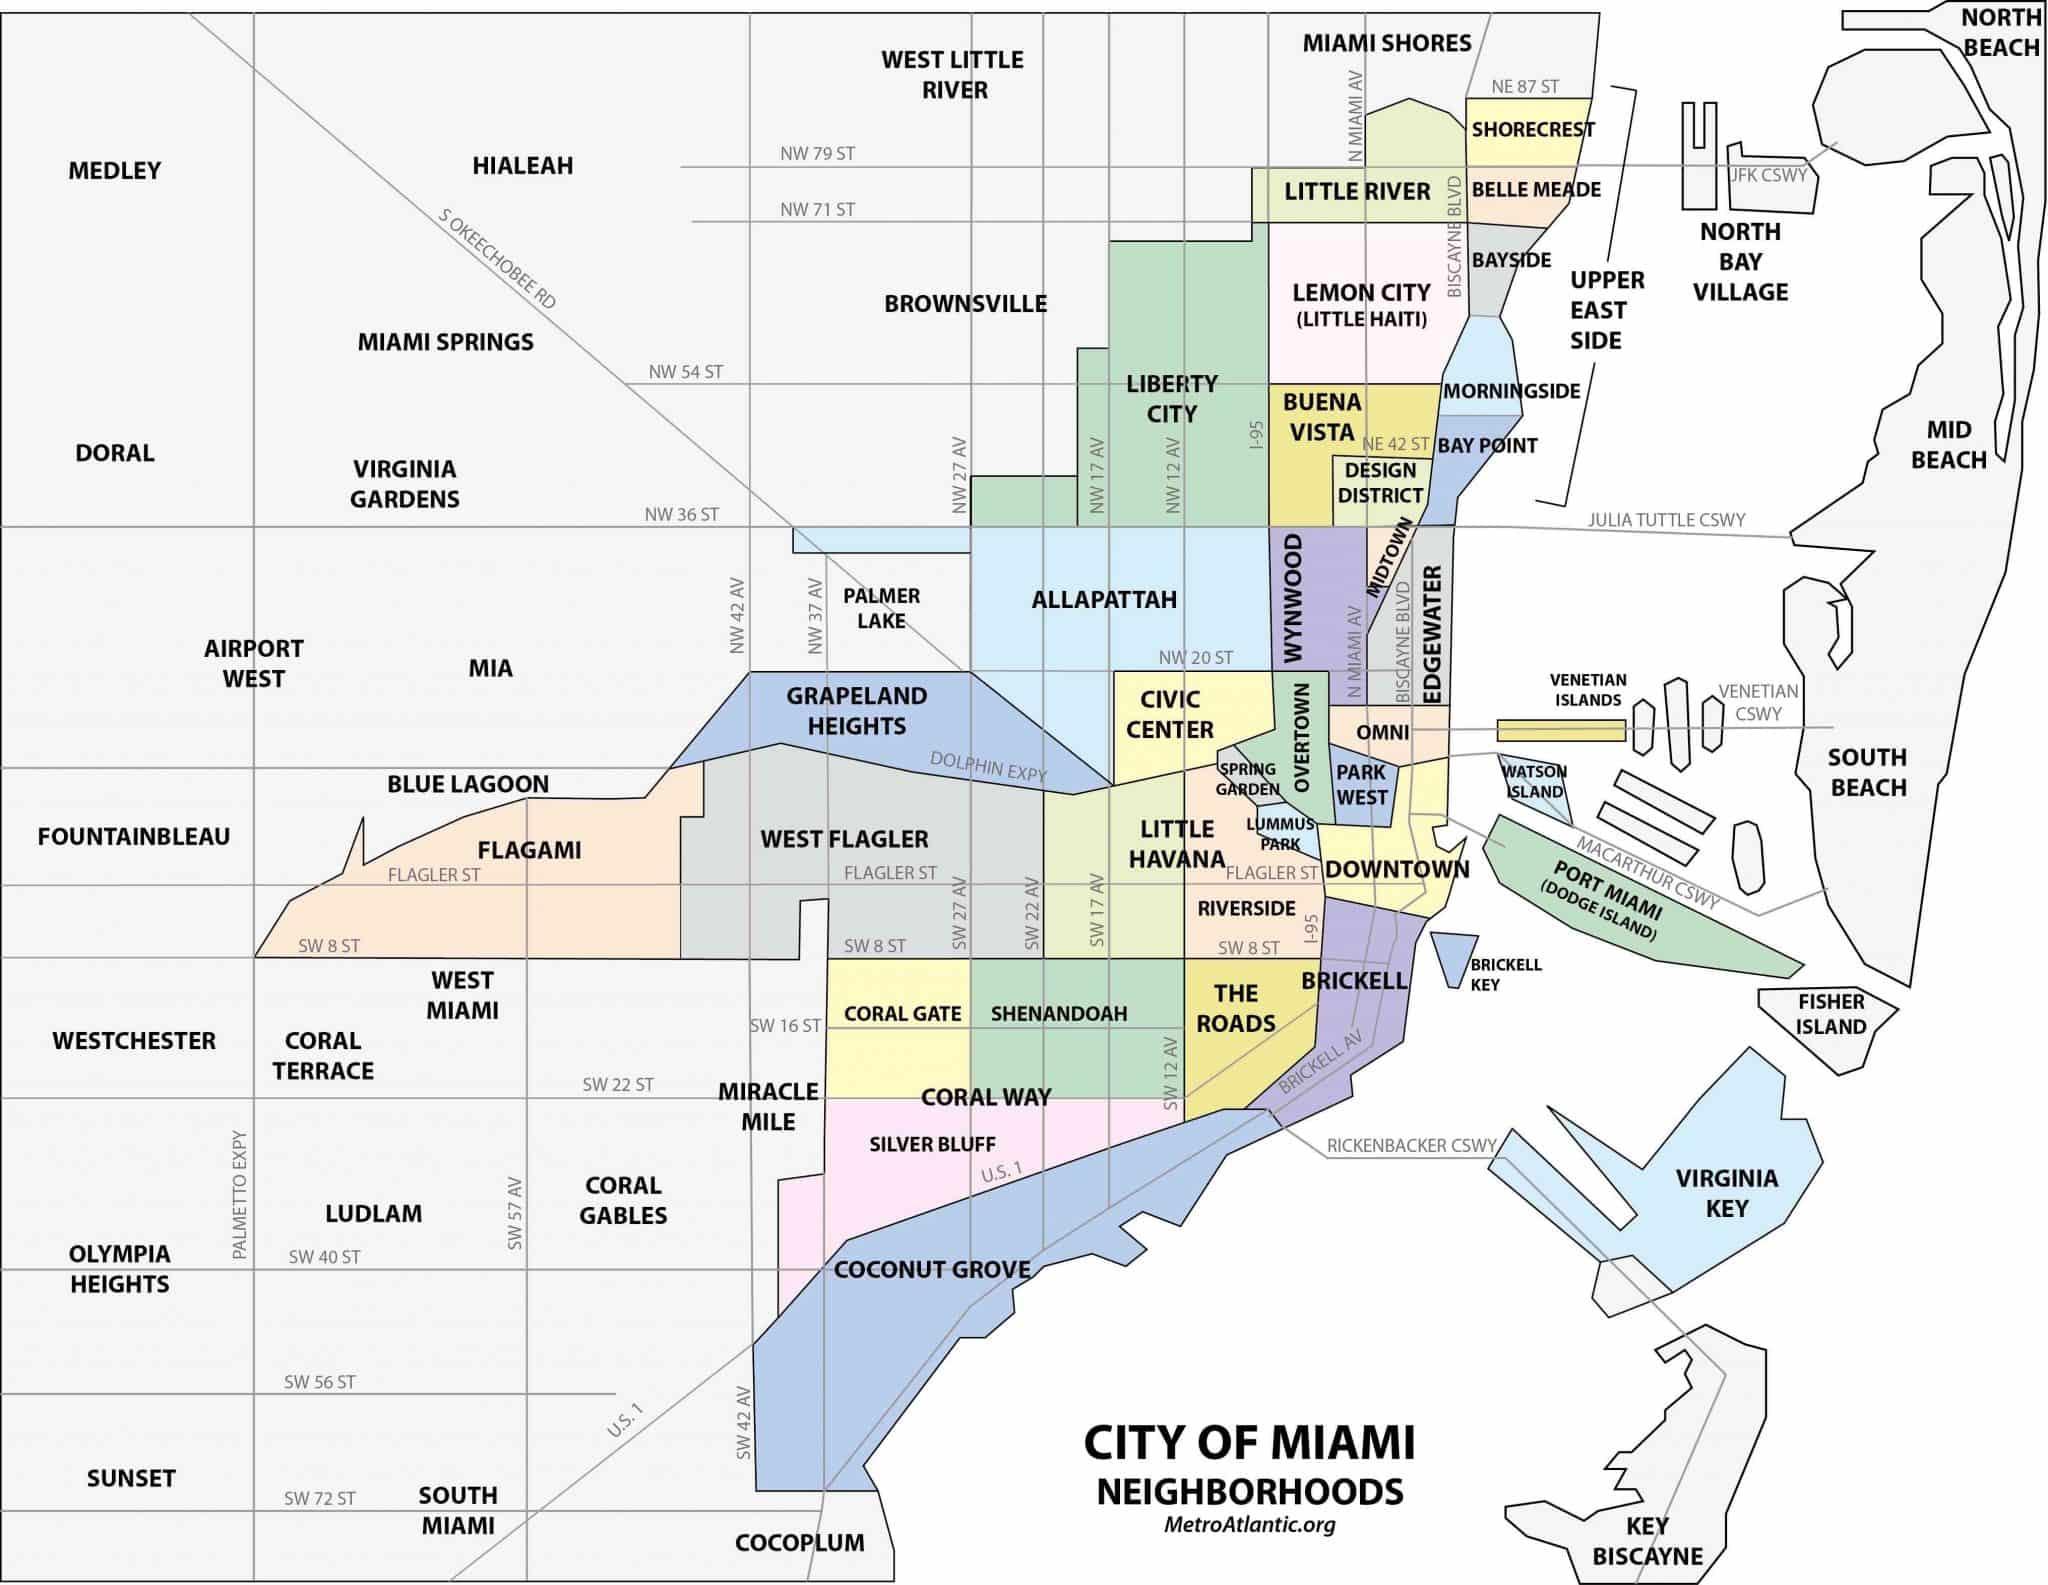 Onde ficar em Miami: Melhores regiões: mapa dos bairros de Miami